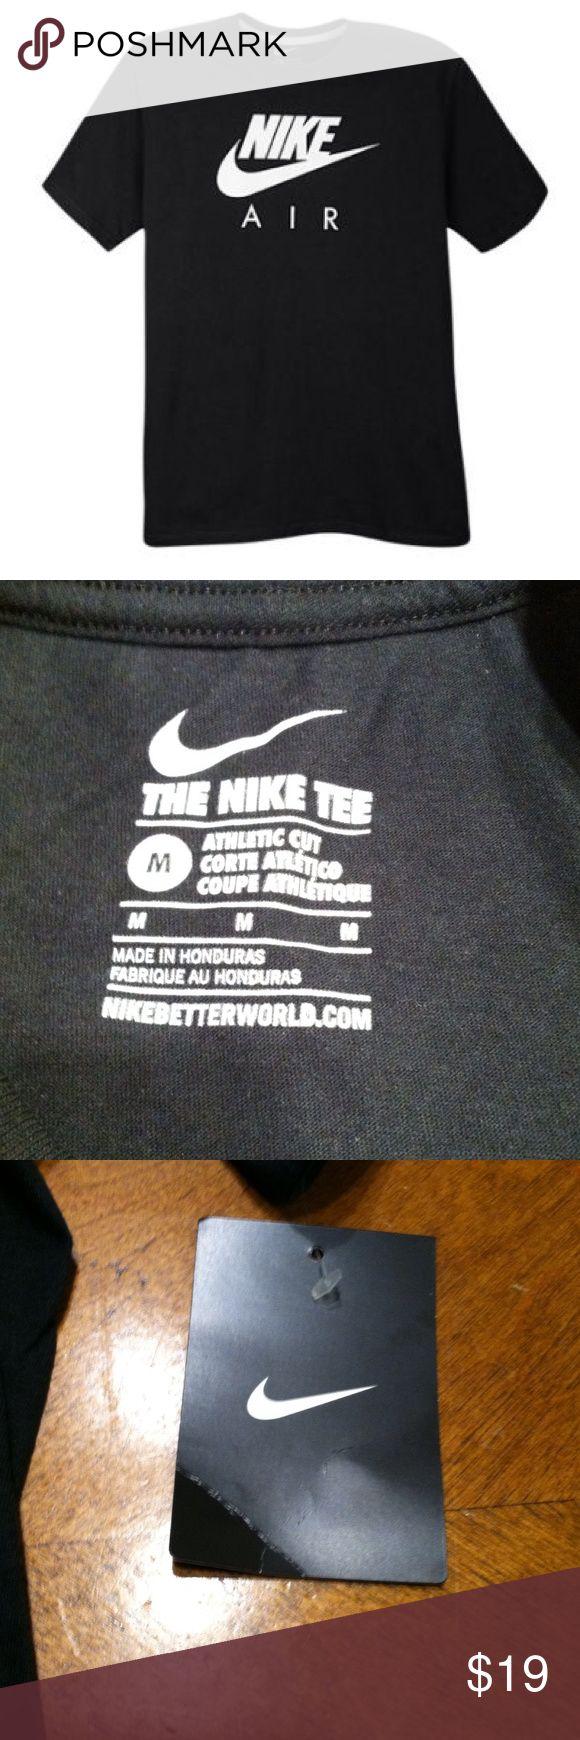 *New* Nike Air T-Shirt/ NWT - Size XL *New* Nike Air T-Shirt/ NWT-Size XL Nike Shirts Tees - Short Sleeve